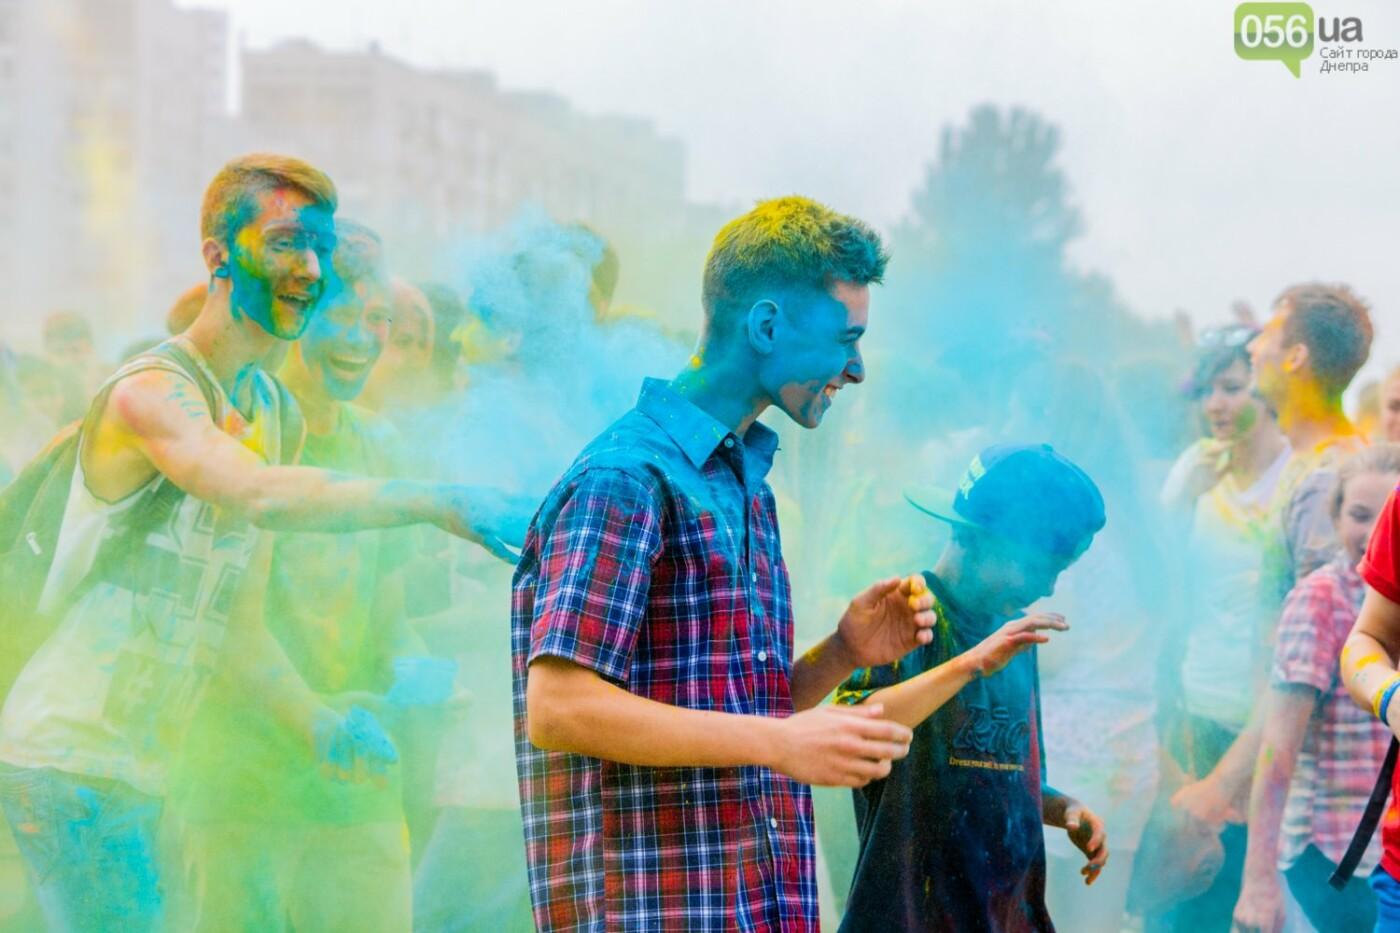 Фестиваль красок и свадьбы: как в Днепре прошел День молодежи, - ФОТОРЕПОРТАЖ, ВИДЕО, фото-5